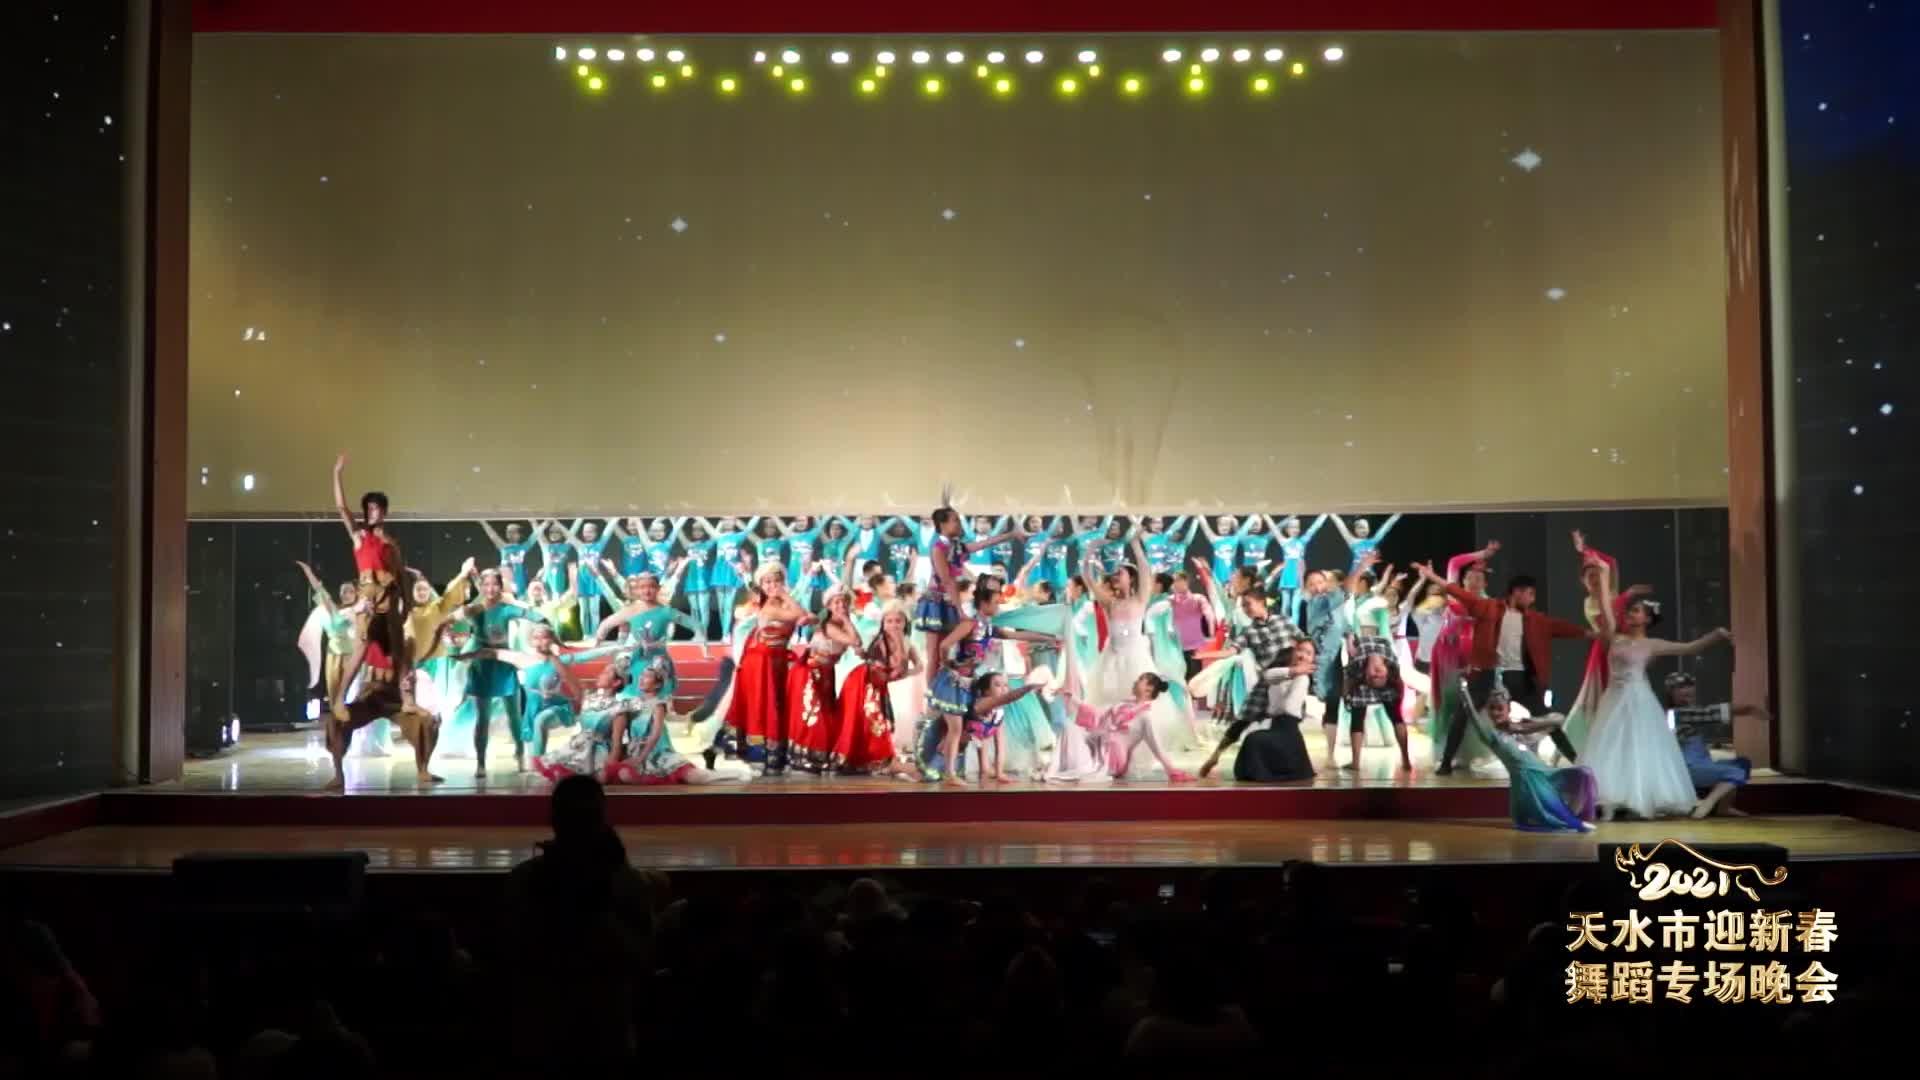 2021天水市迎新春舞蹈晚会